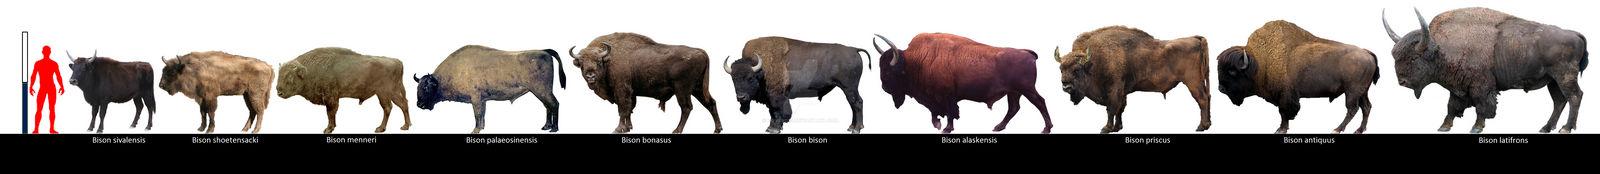 Bison species